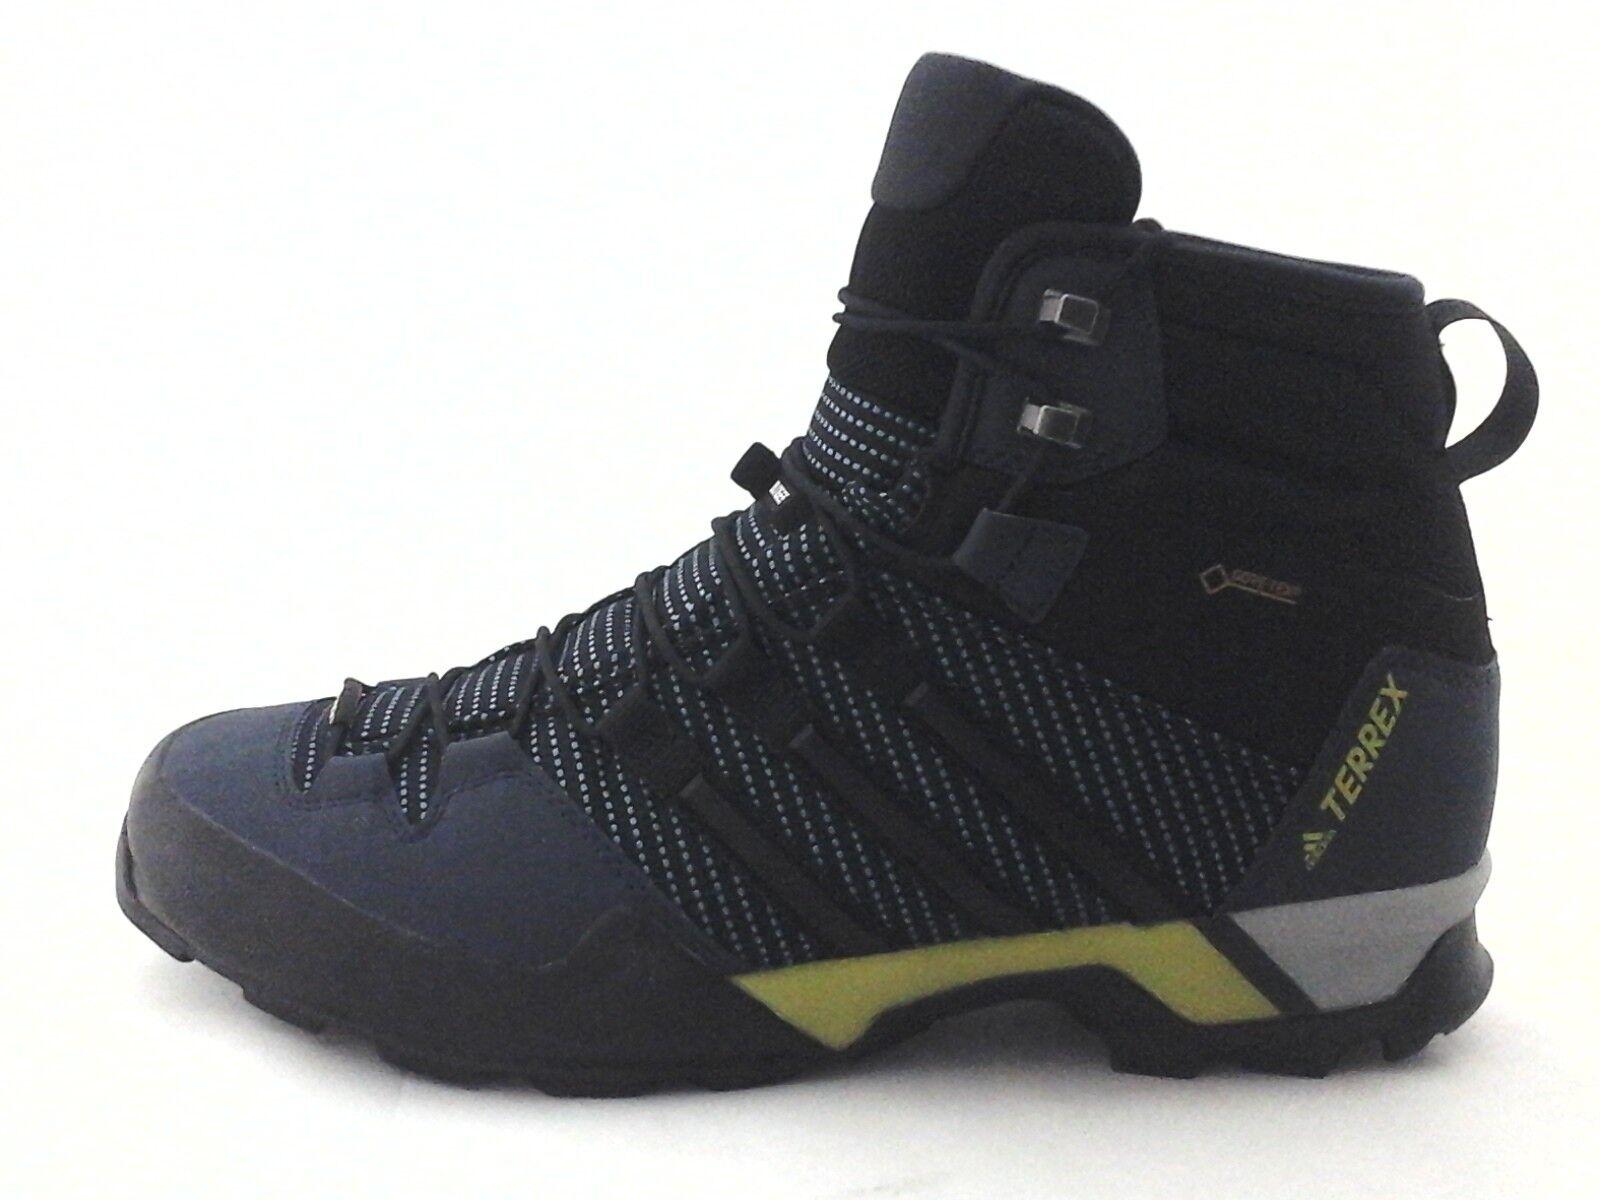 botas Para Excursionismo Adidas TERREX 540 Scope alta bllue Gore-Tex BB4587 US 10 Nuevo